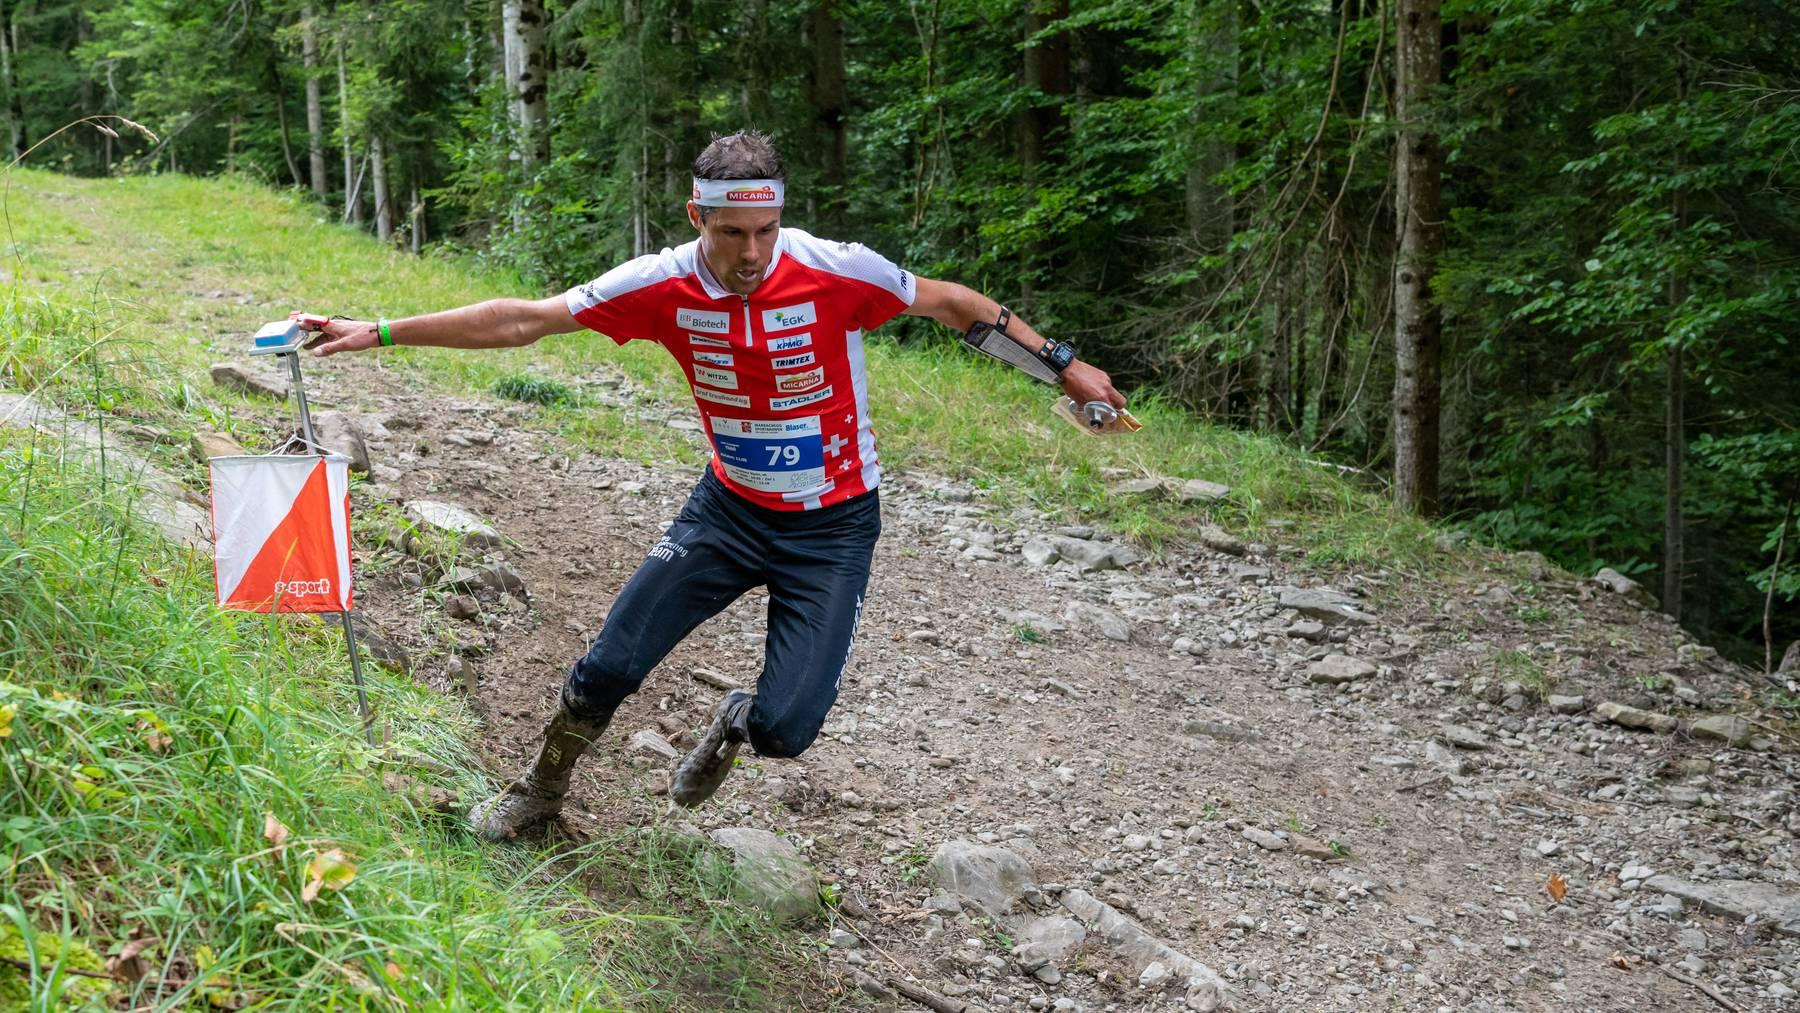 Martin Hubmann, Sieger bei Herren Elite. Foto von Susi Schlatter.